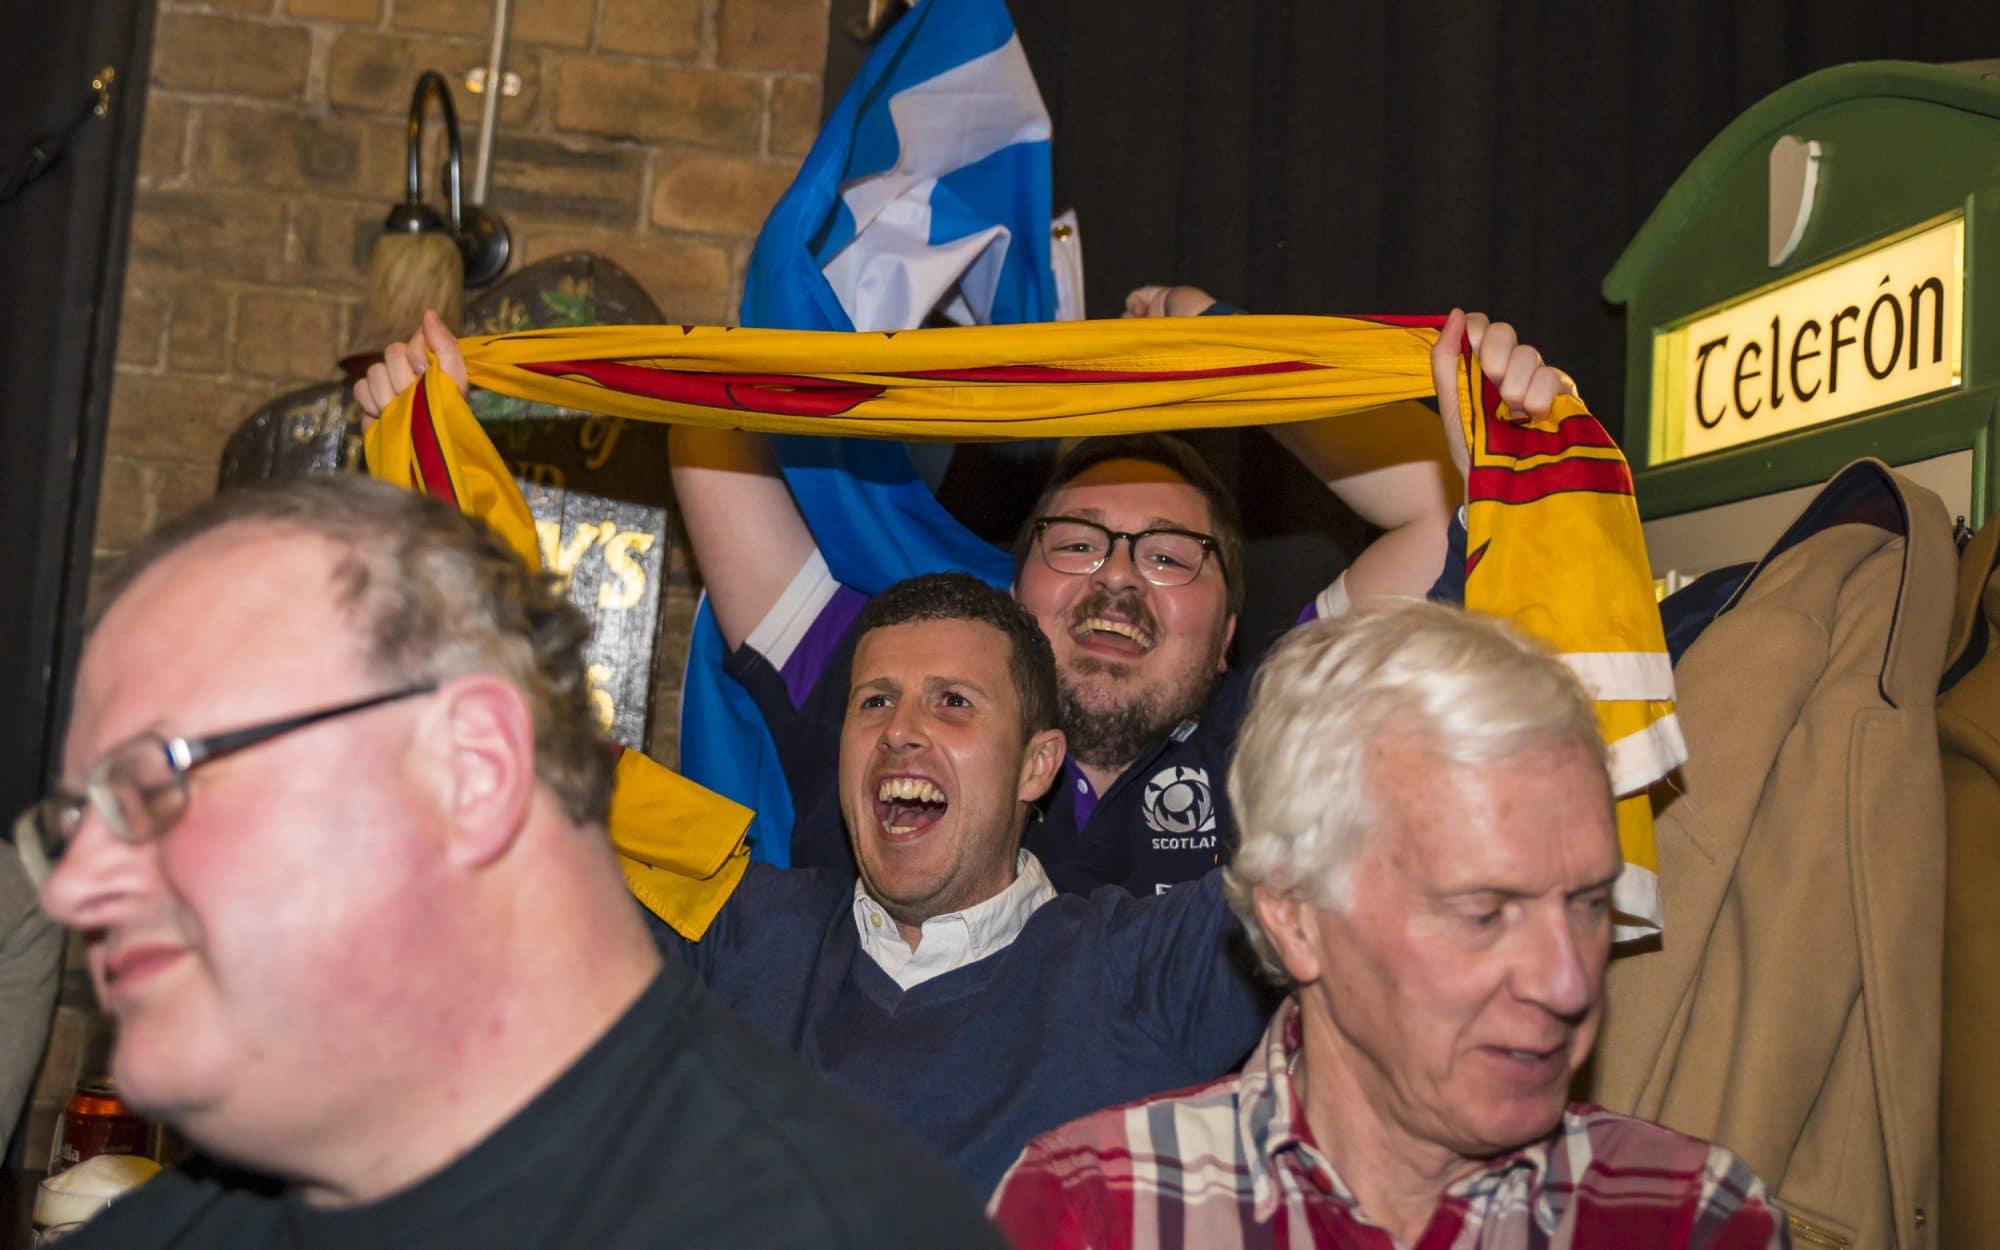 lion team roadtrip scotland siredwards